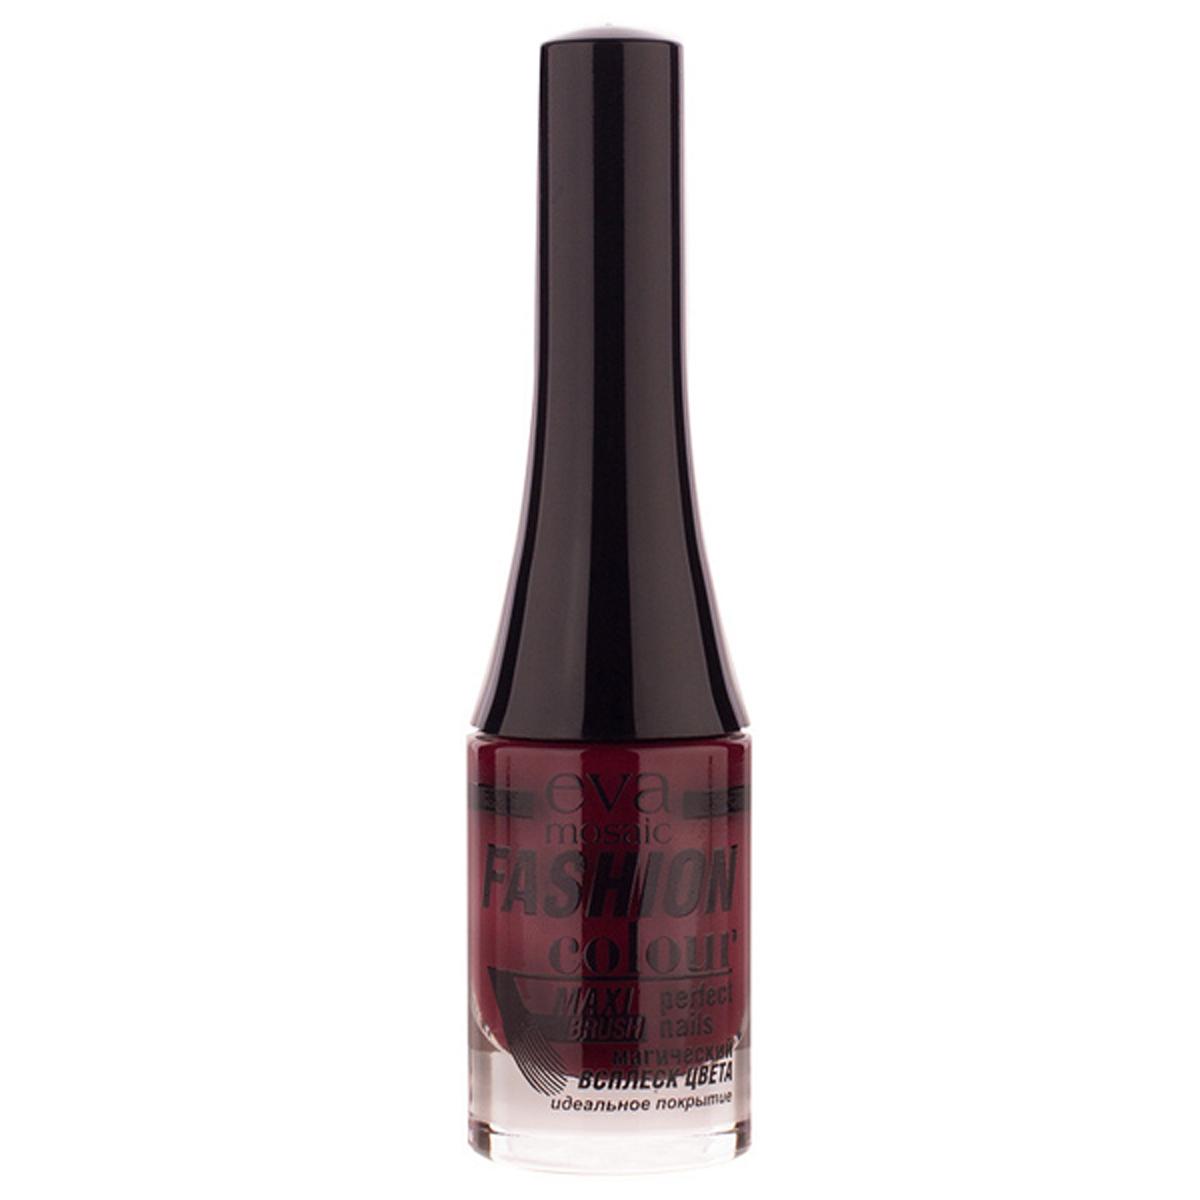 Eva Mosaic Лак для ногтей Fashion Colour, 6 мл, 040 Черешня685380Стойкие лаки для ногтей в экономичной упаковке небольшого объема - лак не успеет надоесть или загустеть! Огромный спектр оттенков - от сдержанной классики до самых смелых современных тенденций. - легко наносятся и быстро сохнут - обладают высокой стойкостью и зеркальным блеском - эргономичная плоская кисть для быстрого, аккуратного и точного нанесения.